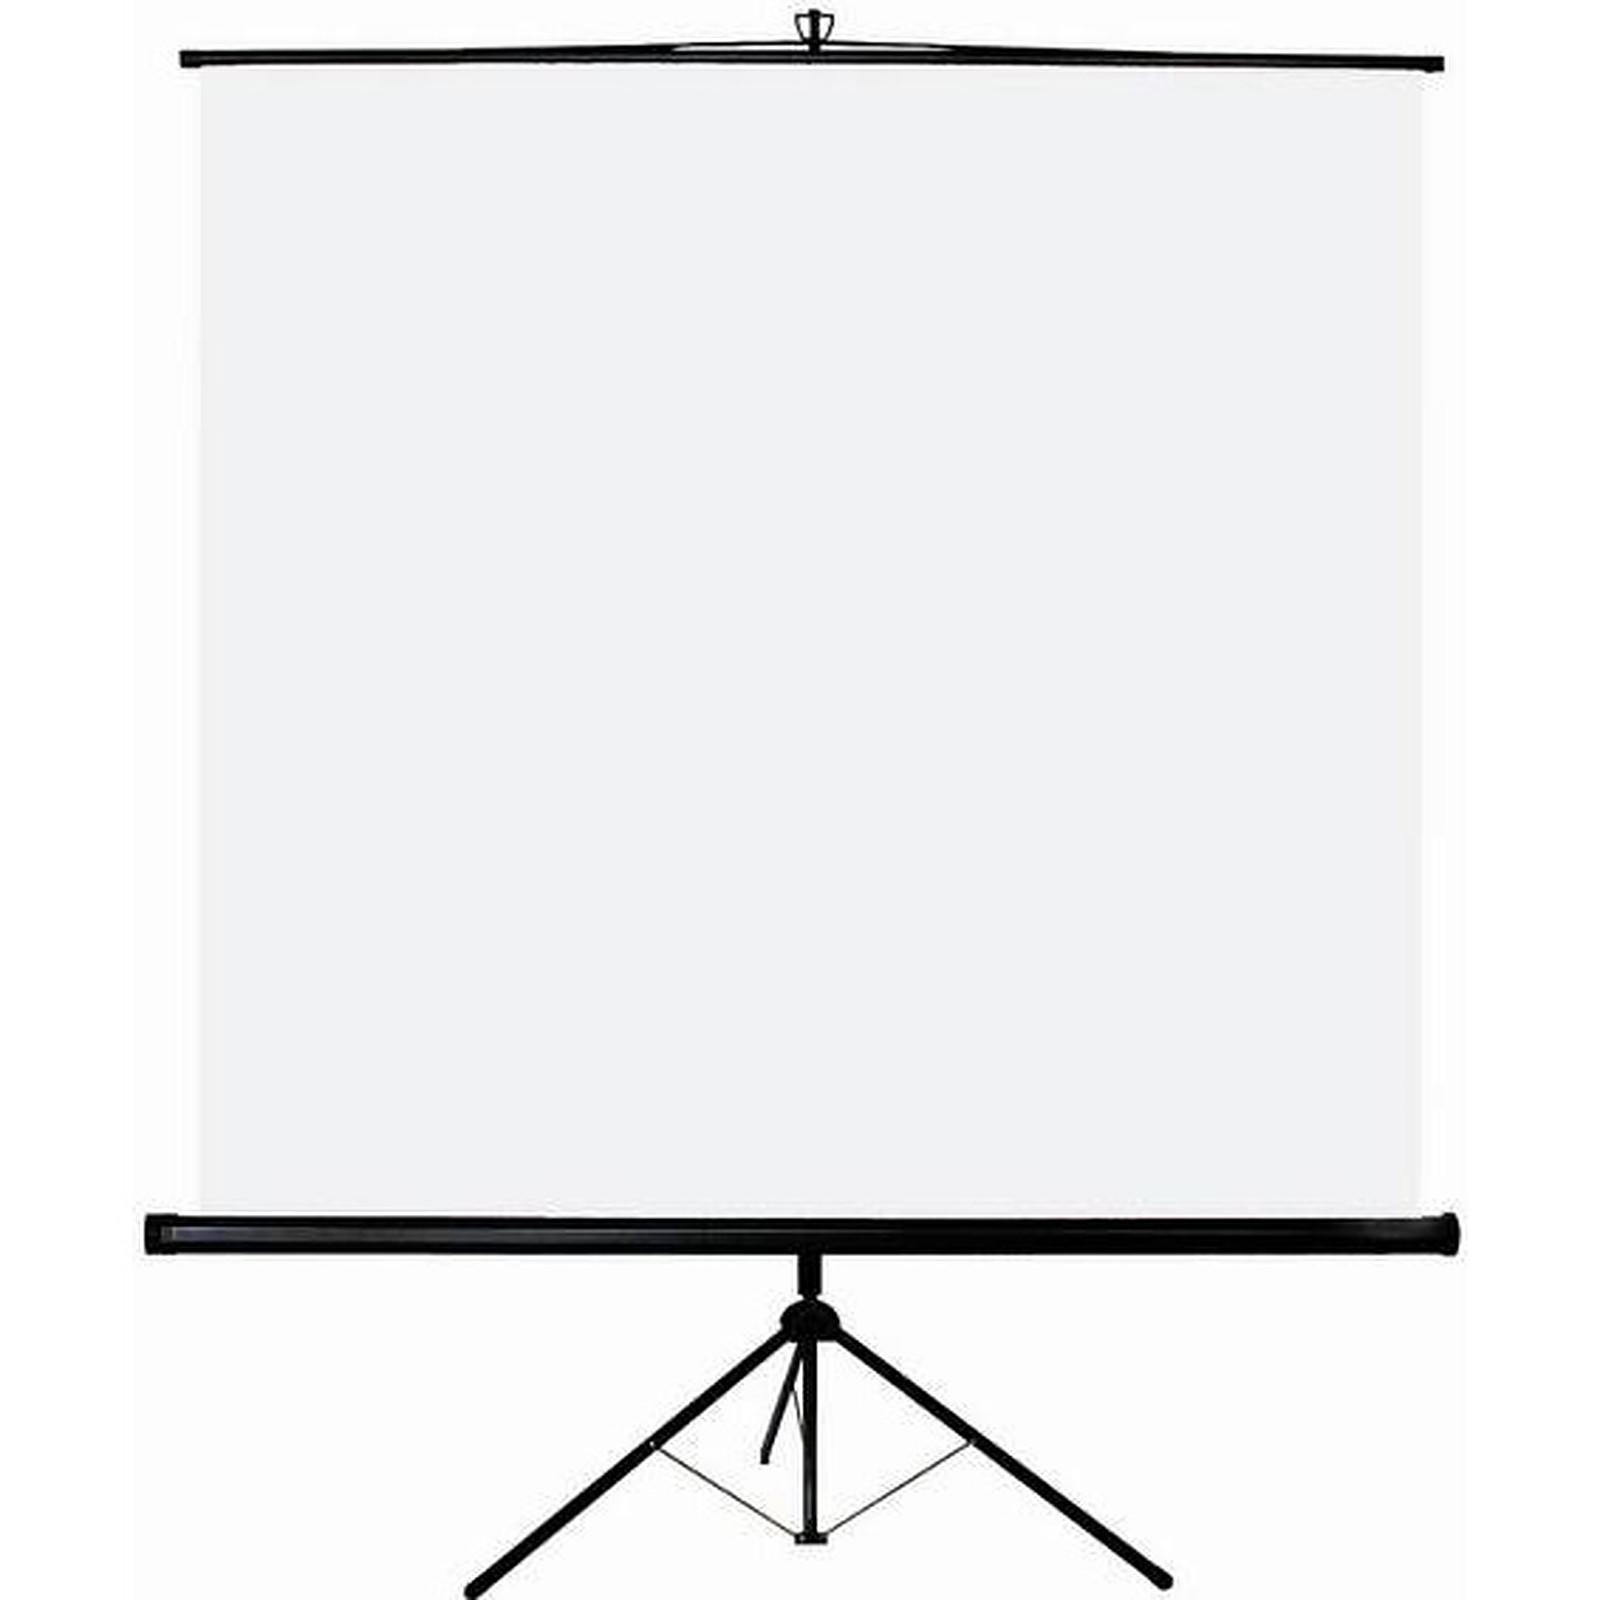 LDLC Ecran trépied - Format 1:1 - 200 x 200 cm